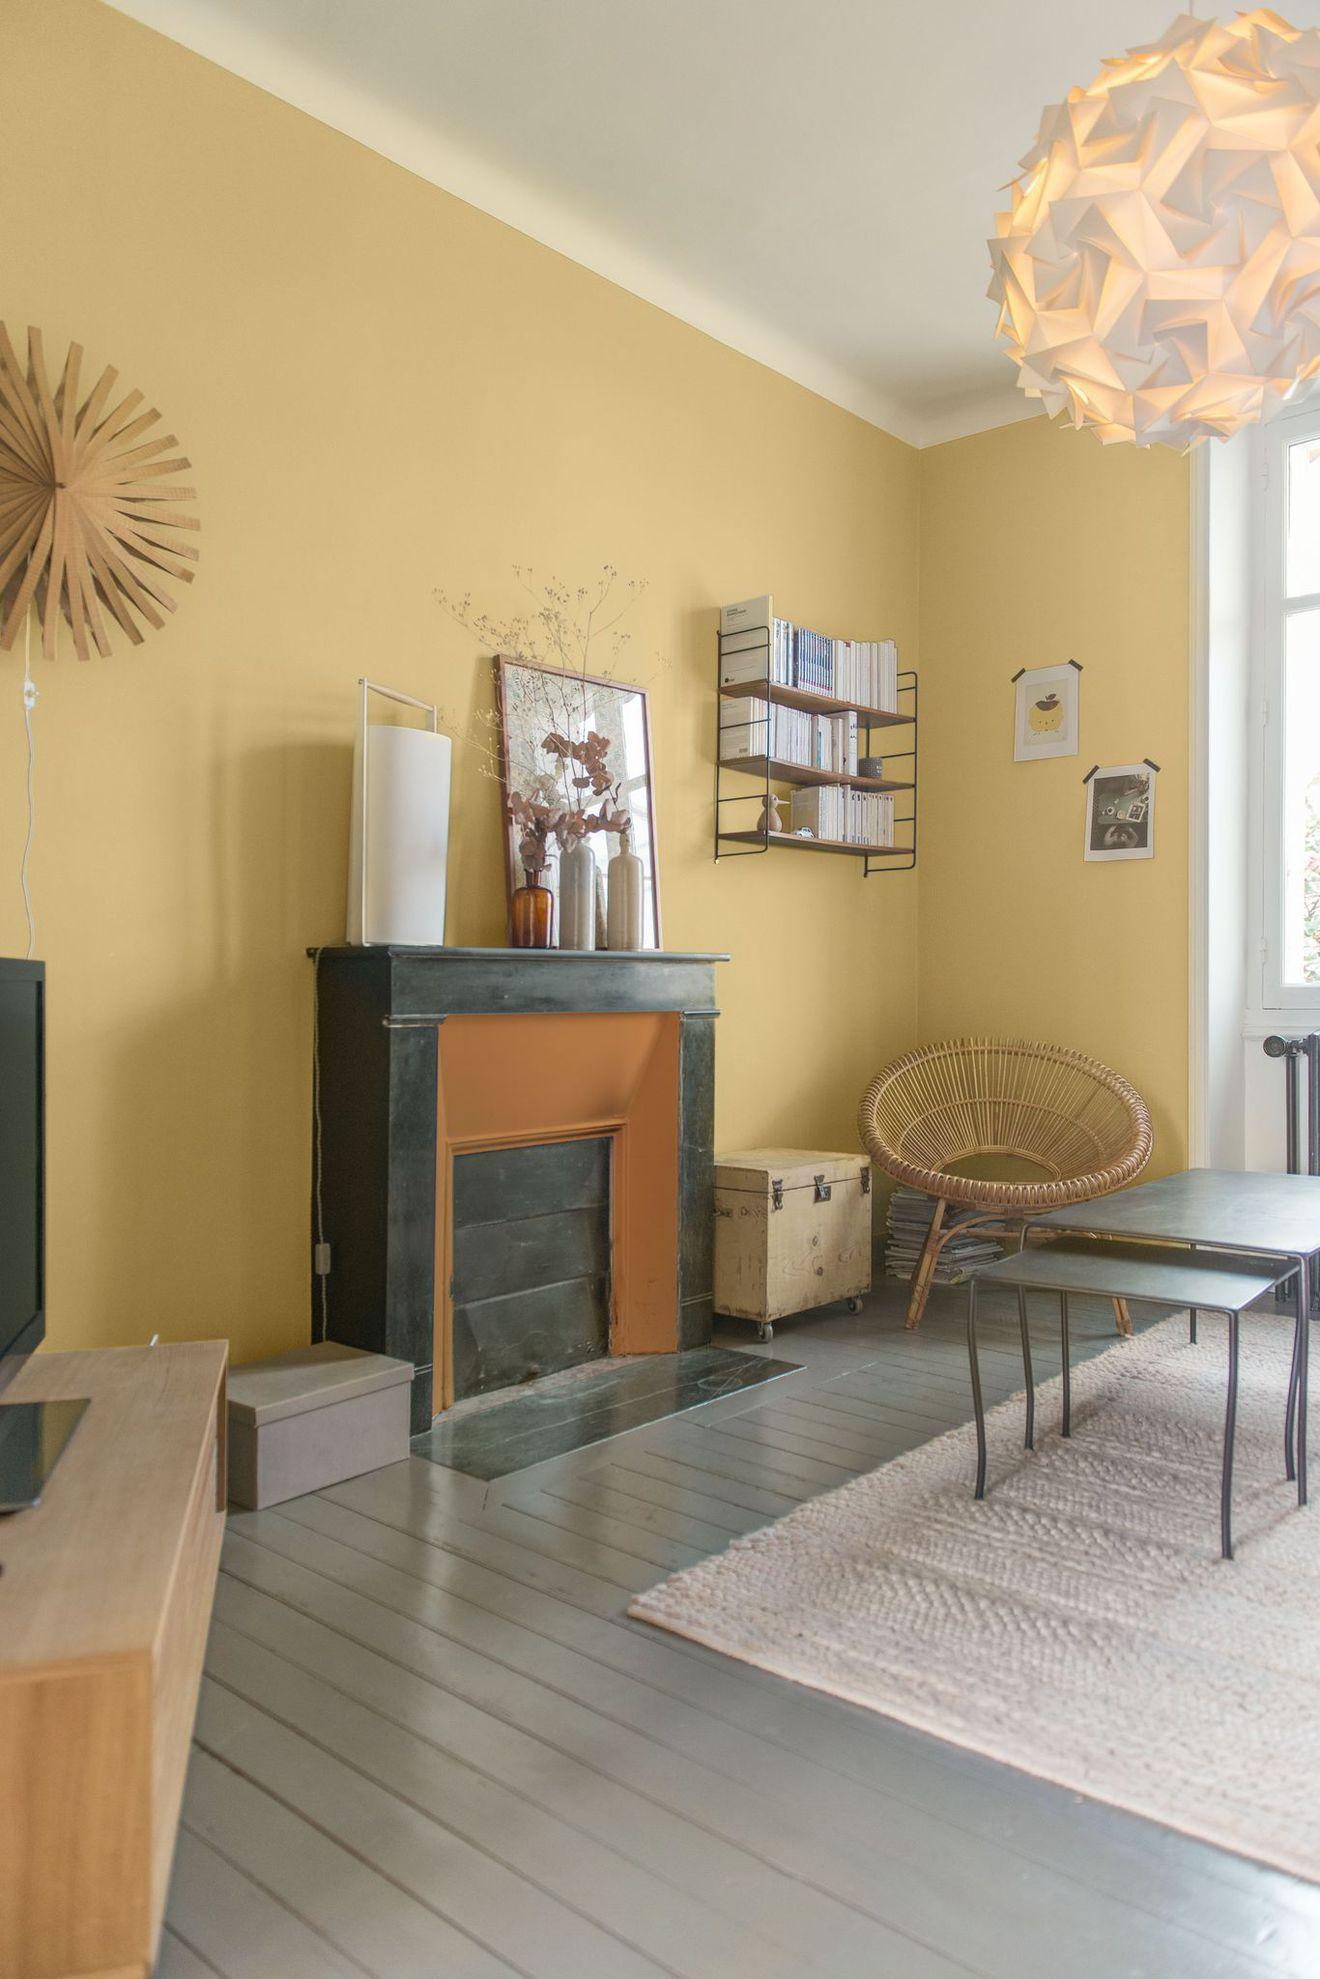 Couleur Tendance Pour Interieur Maison peinture salon : 43 couleurs tendance pour repeindre le